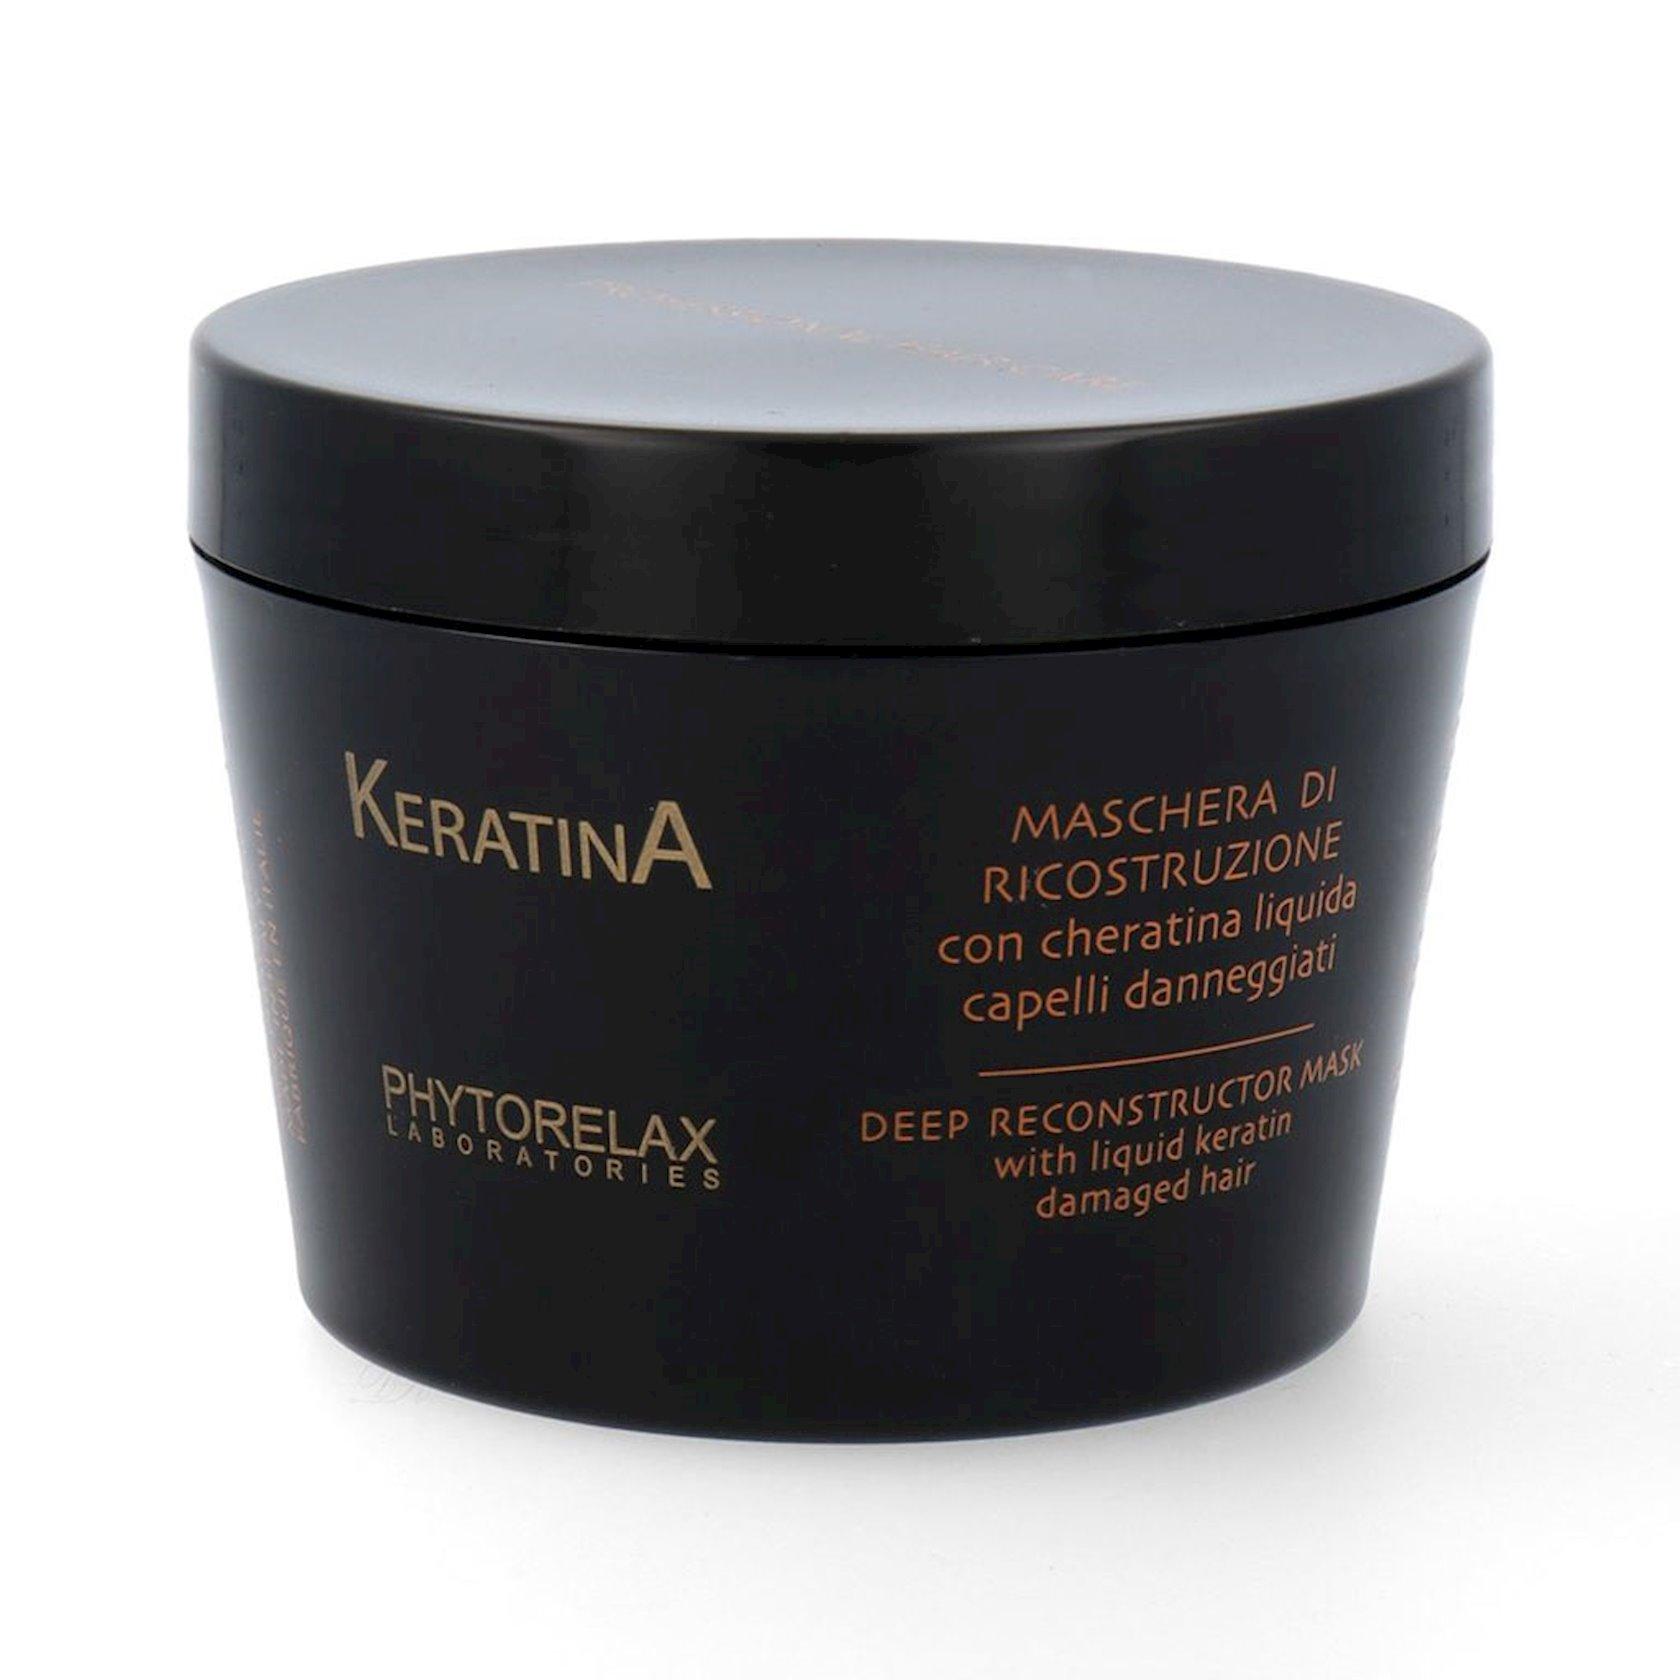 Zədələnmiş saçlar üçün maska Phytorelax Laboratories Keratina Deep Reconstructor Mask 200 ml